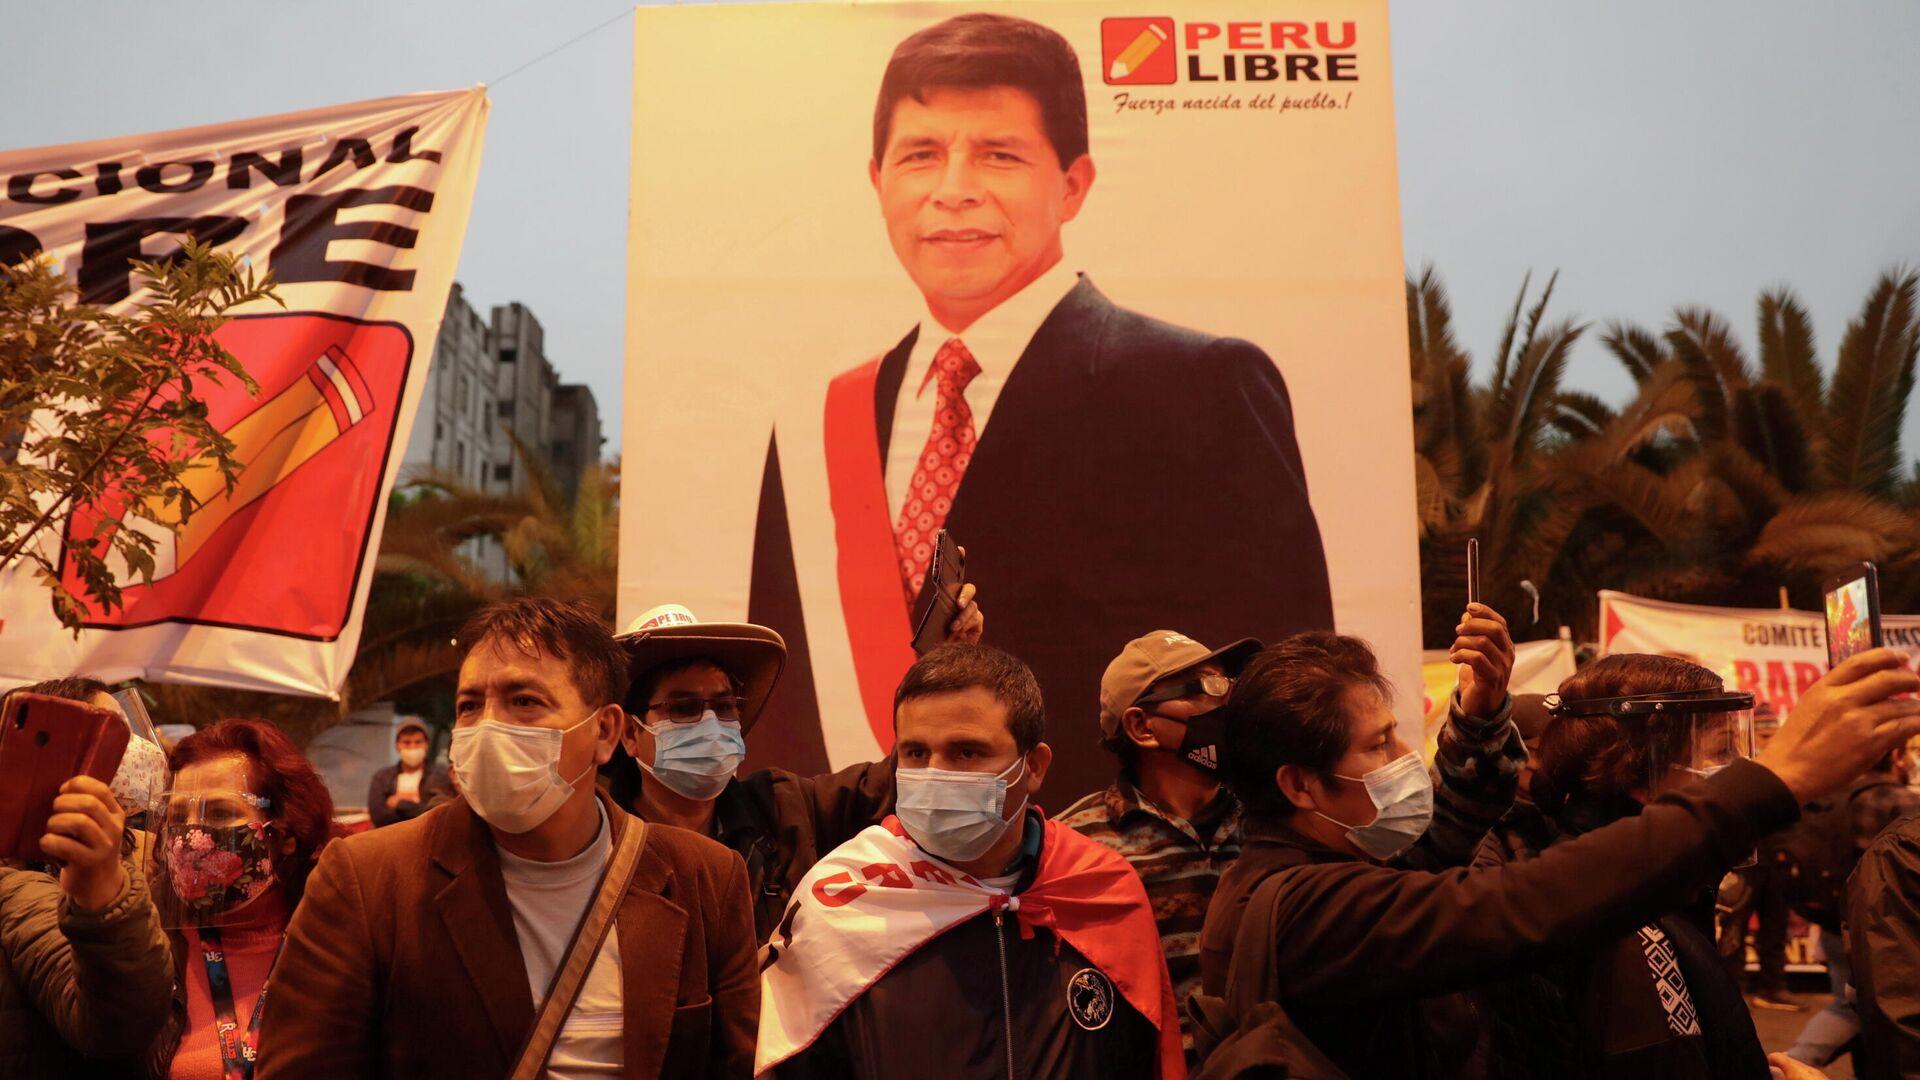 Una manifestación en Perú - Sputnik Mundo, 1920, 12.07.2021